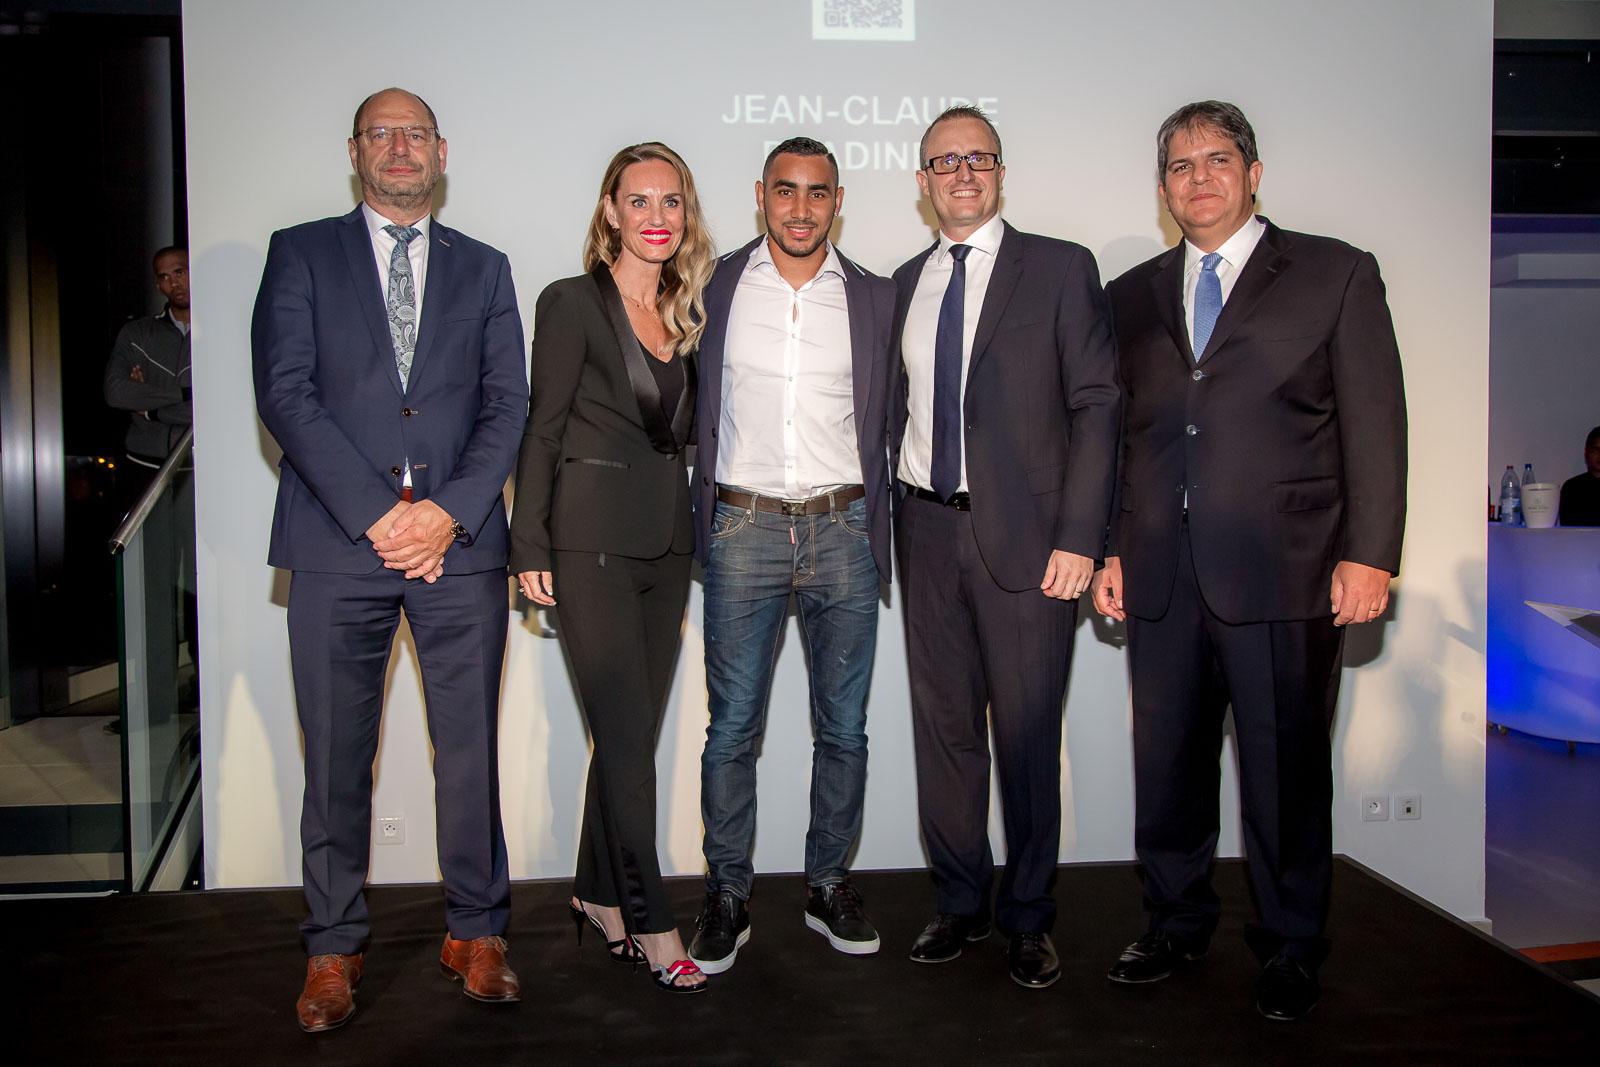 Ralf Follmann et Heike Pfeil de BMW Group, Dimitri Payet, Philippe-Alexandre Rebboah, directeur général Leal réunion, et Eric Leal, président du Groupe Leal